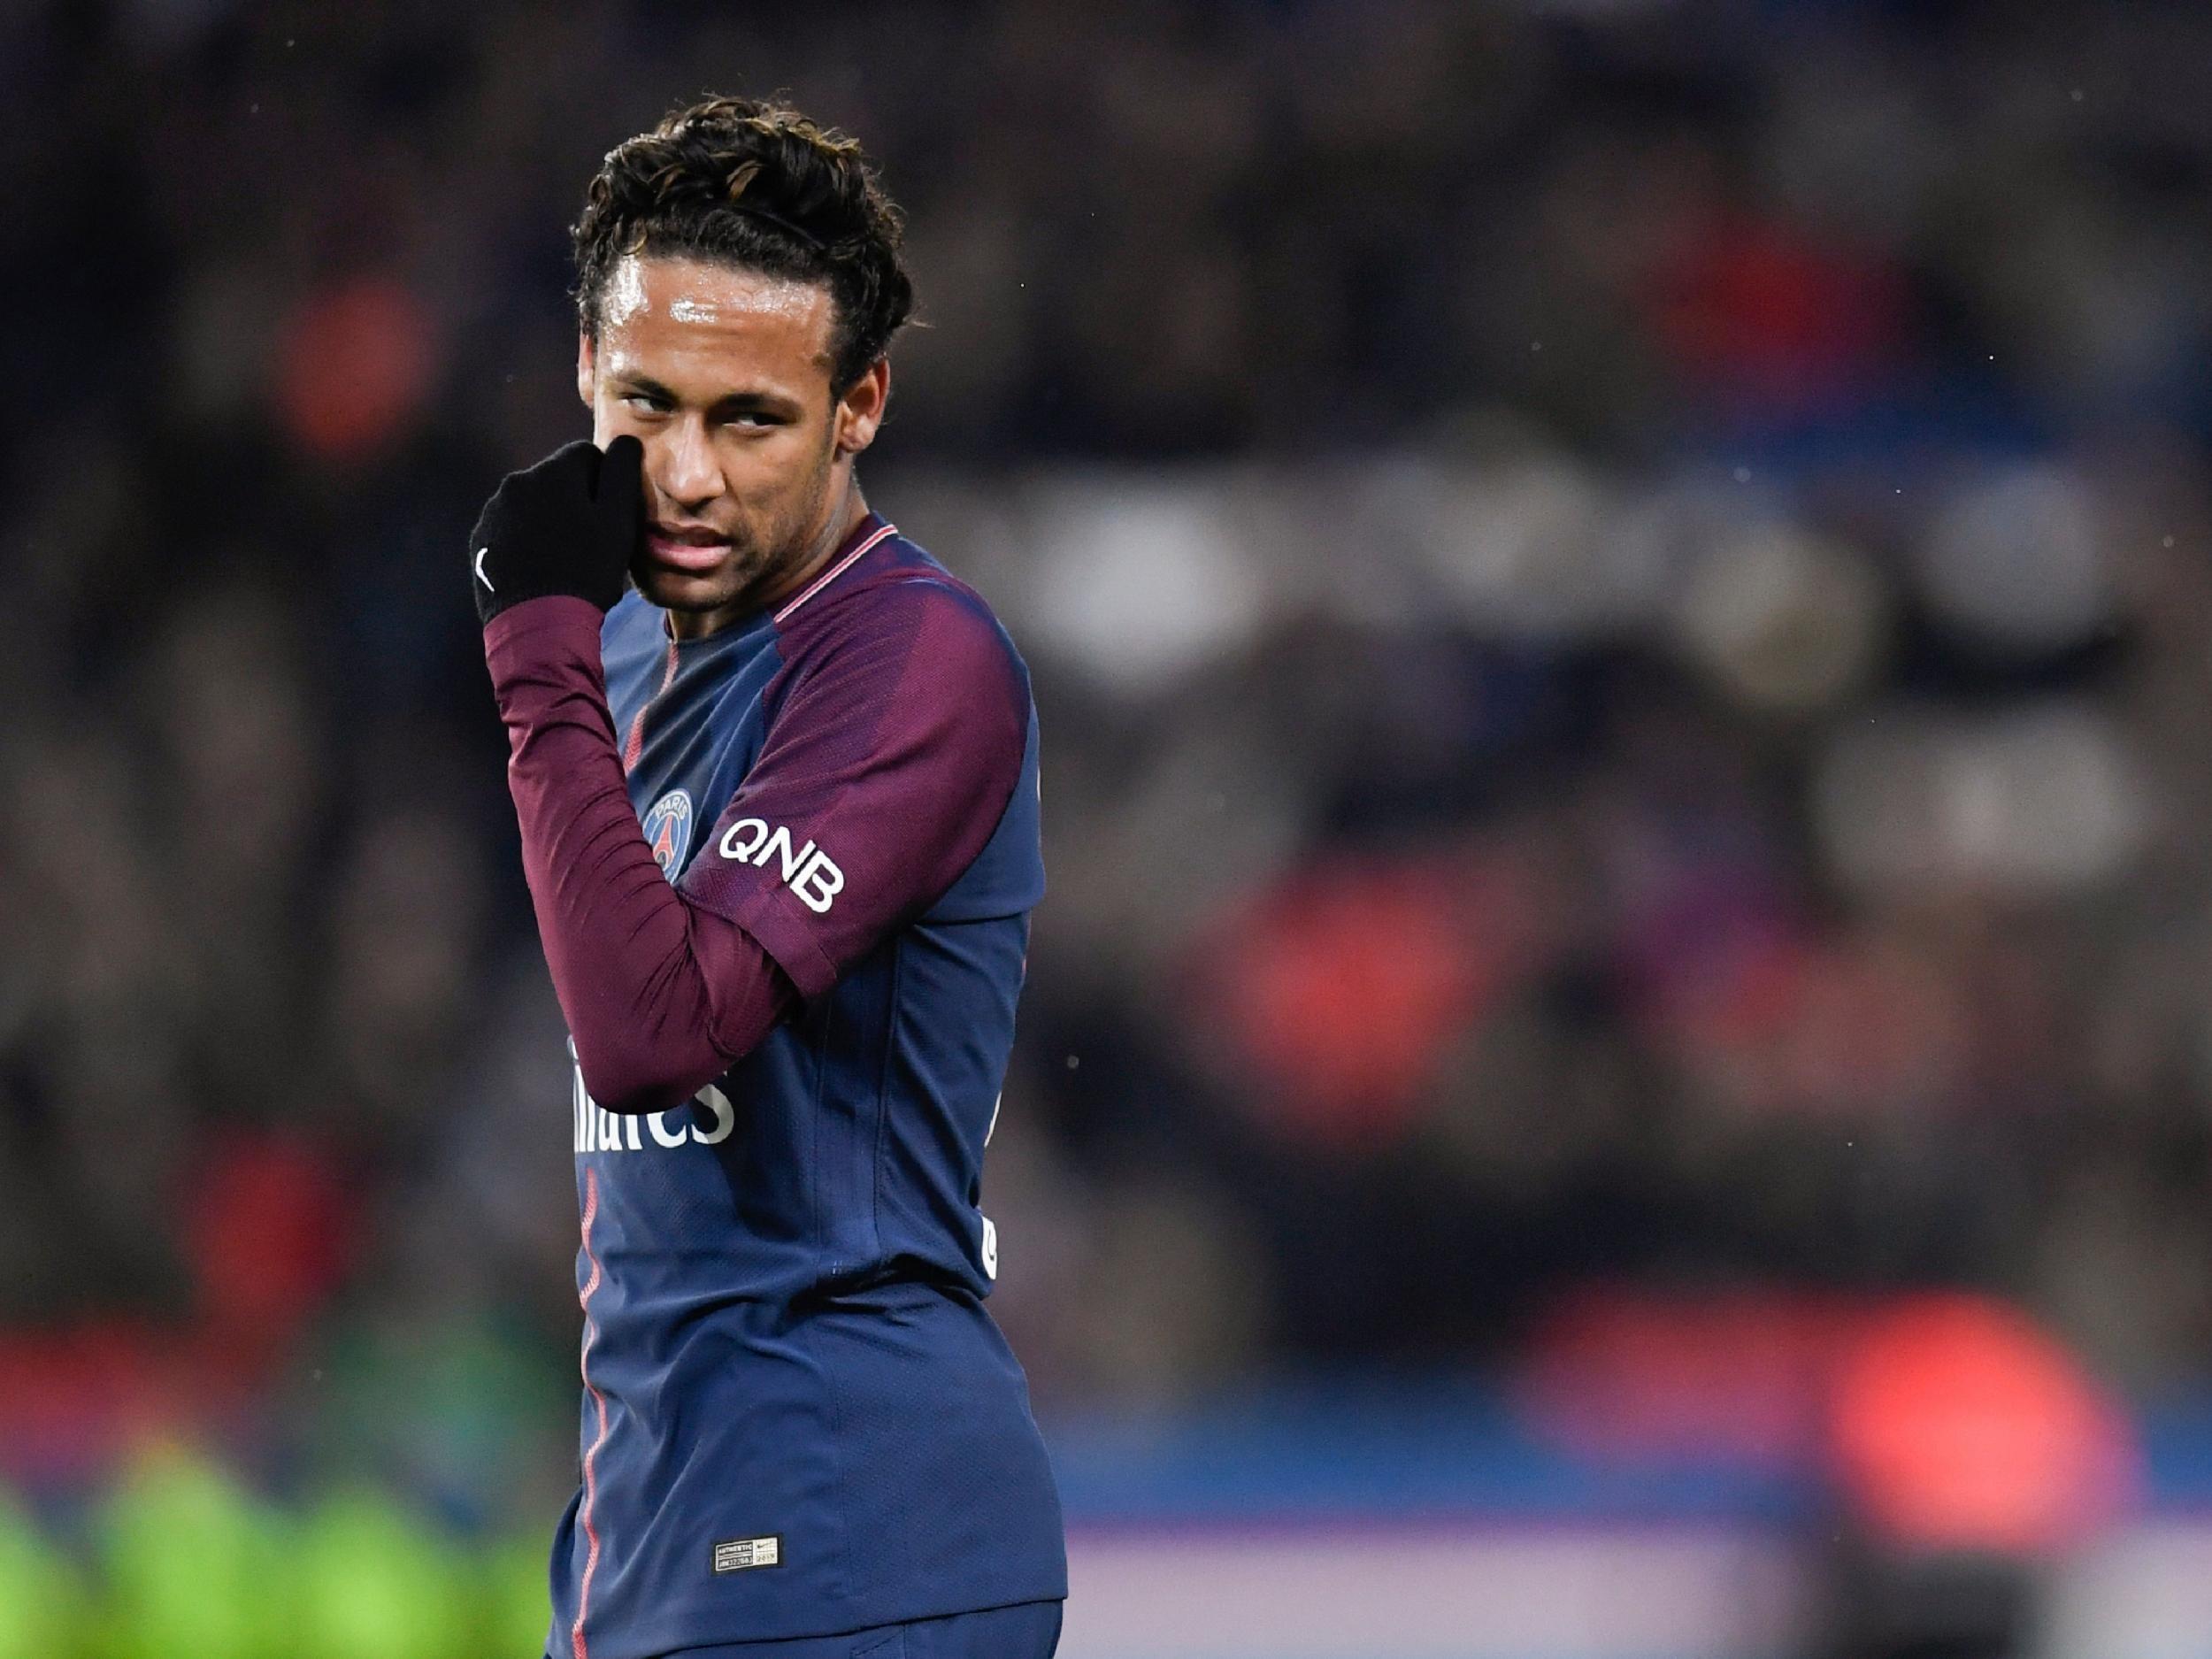 Real Madrid Vs Psg La Liga Giants Neymar Pursuit Adds Intriguing